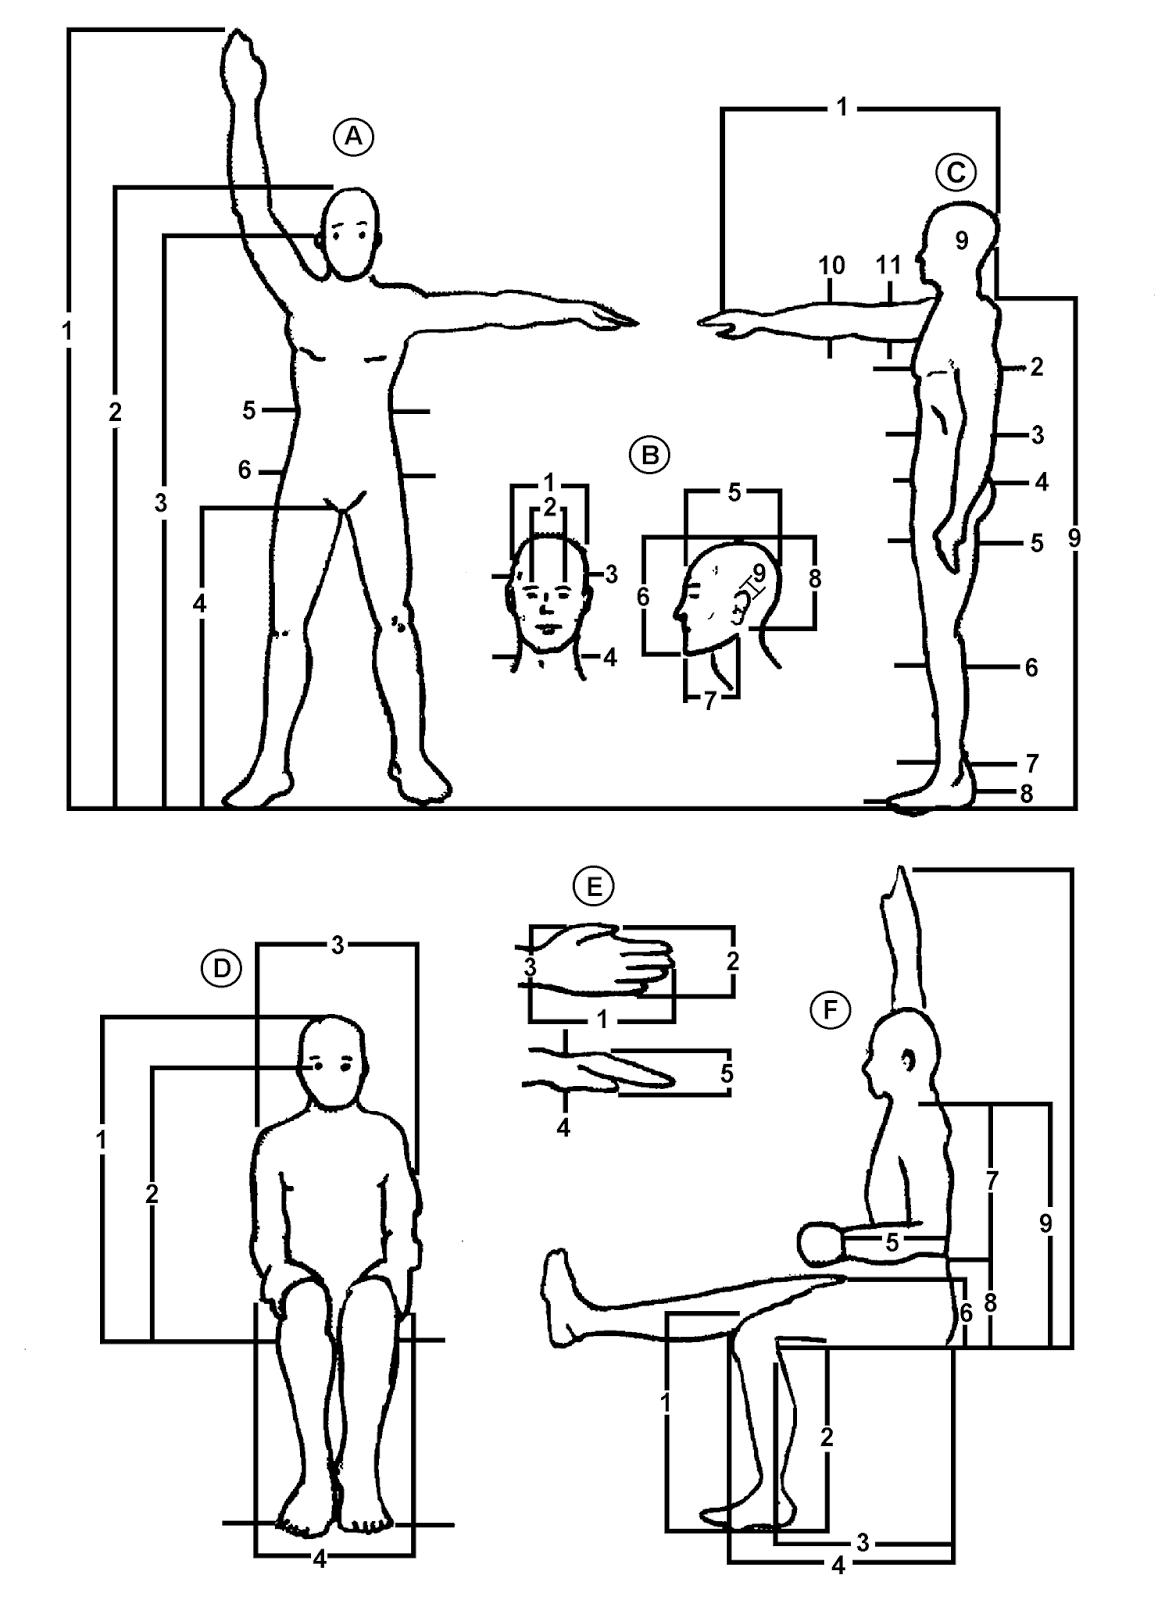 Tecnoideas antropometria ergonomia medio ambiente for Antropometria y ergonomia